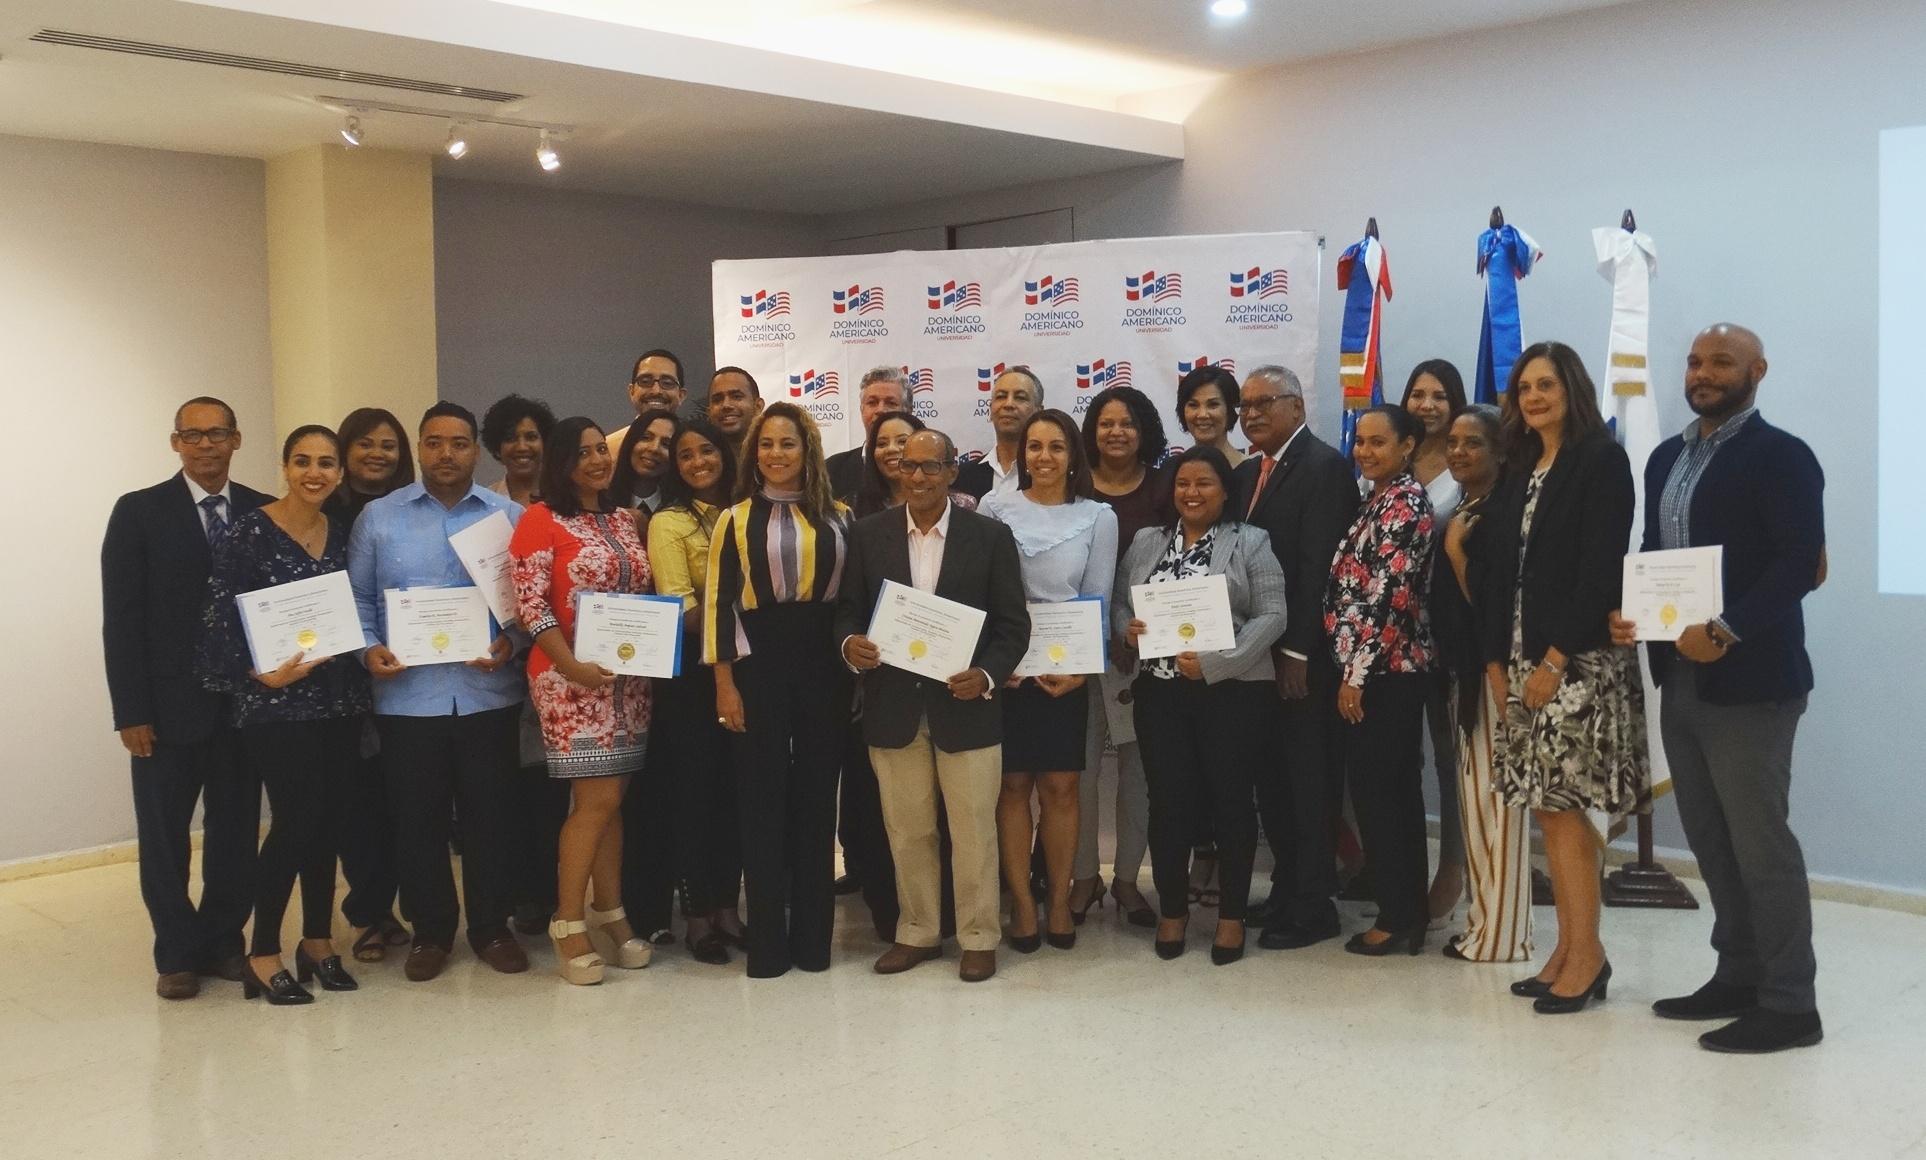 Grupo que recibió la capacitación en formulación, análisis, evaluación y gestión de proyectos para un desarrollo sostenible compatible con el clima.